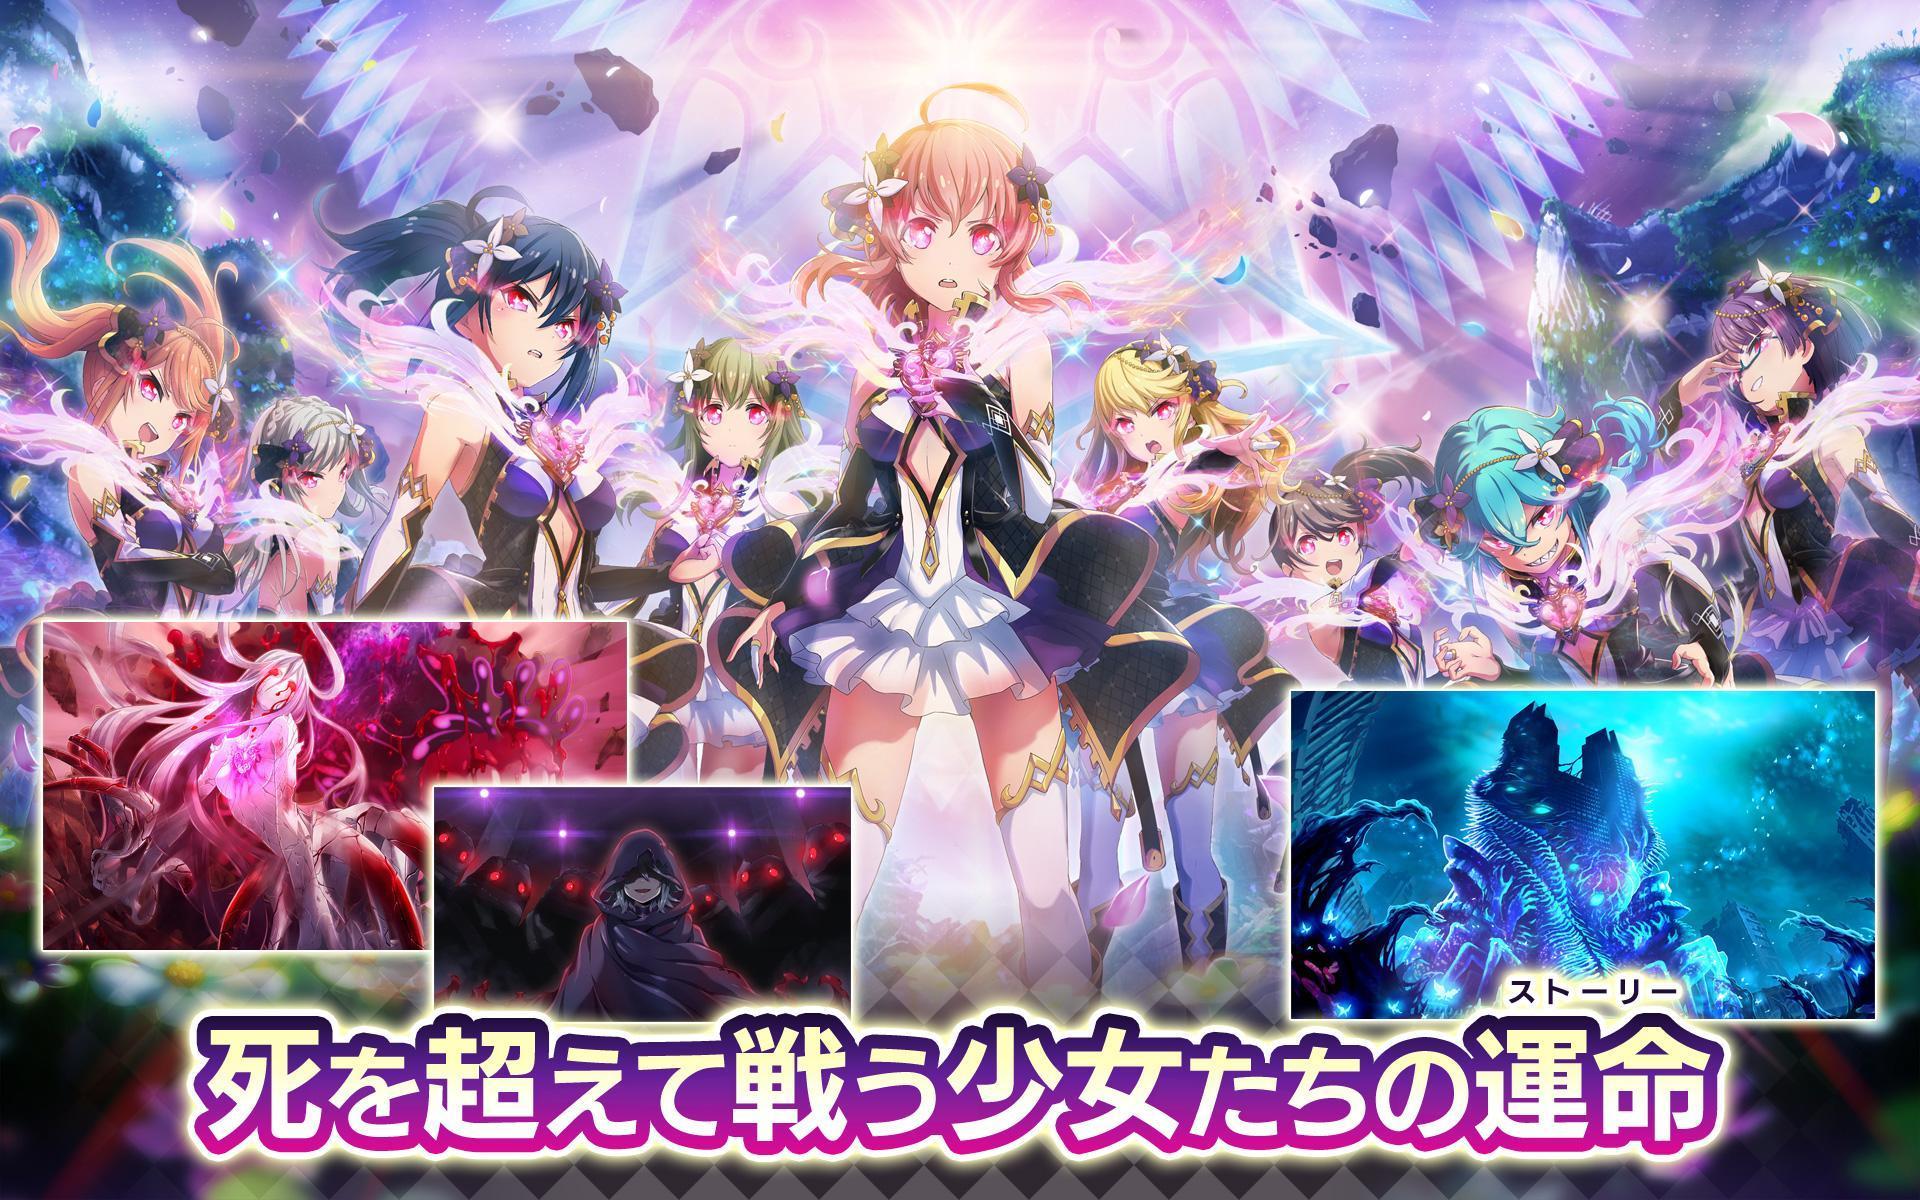 プロジェクト東京ドールズ :美少女タップアクションRPG 4.1.0 Screenshot 8